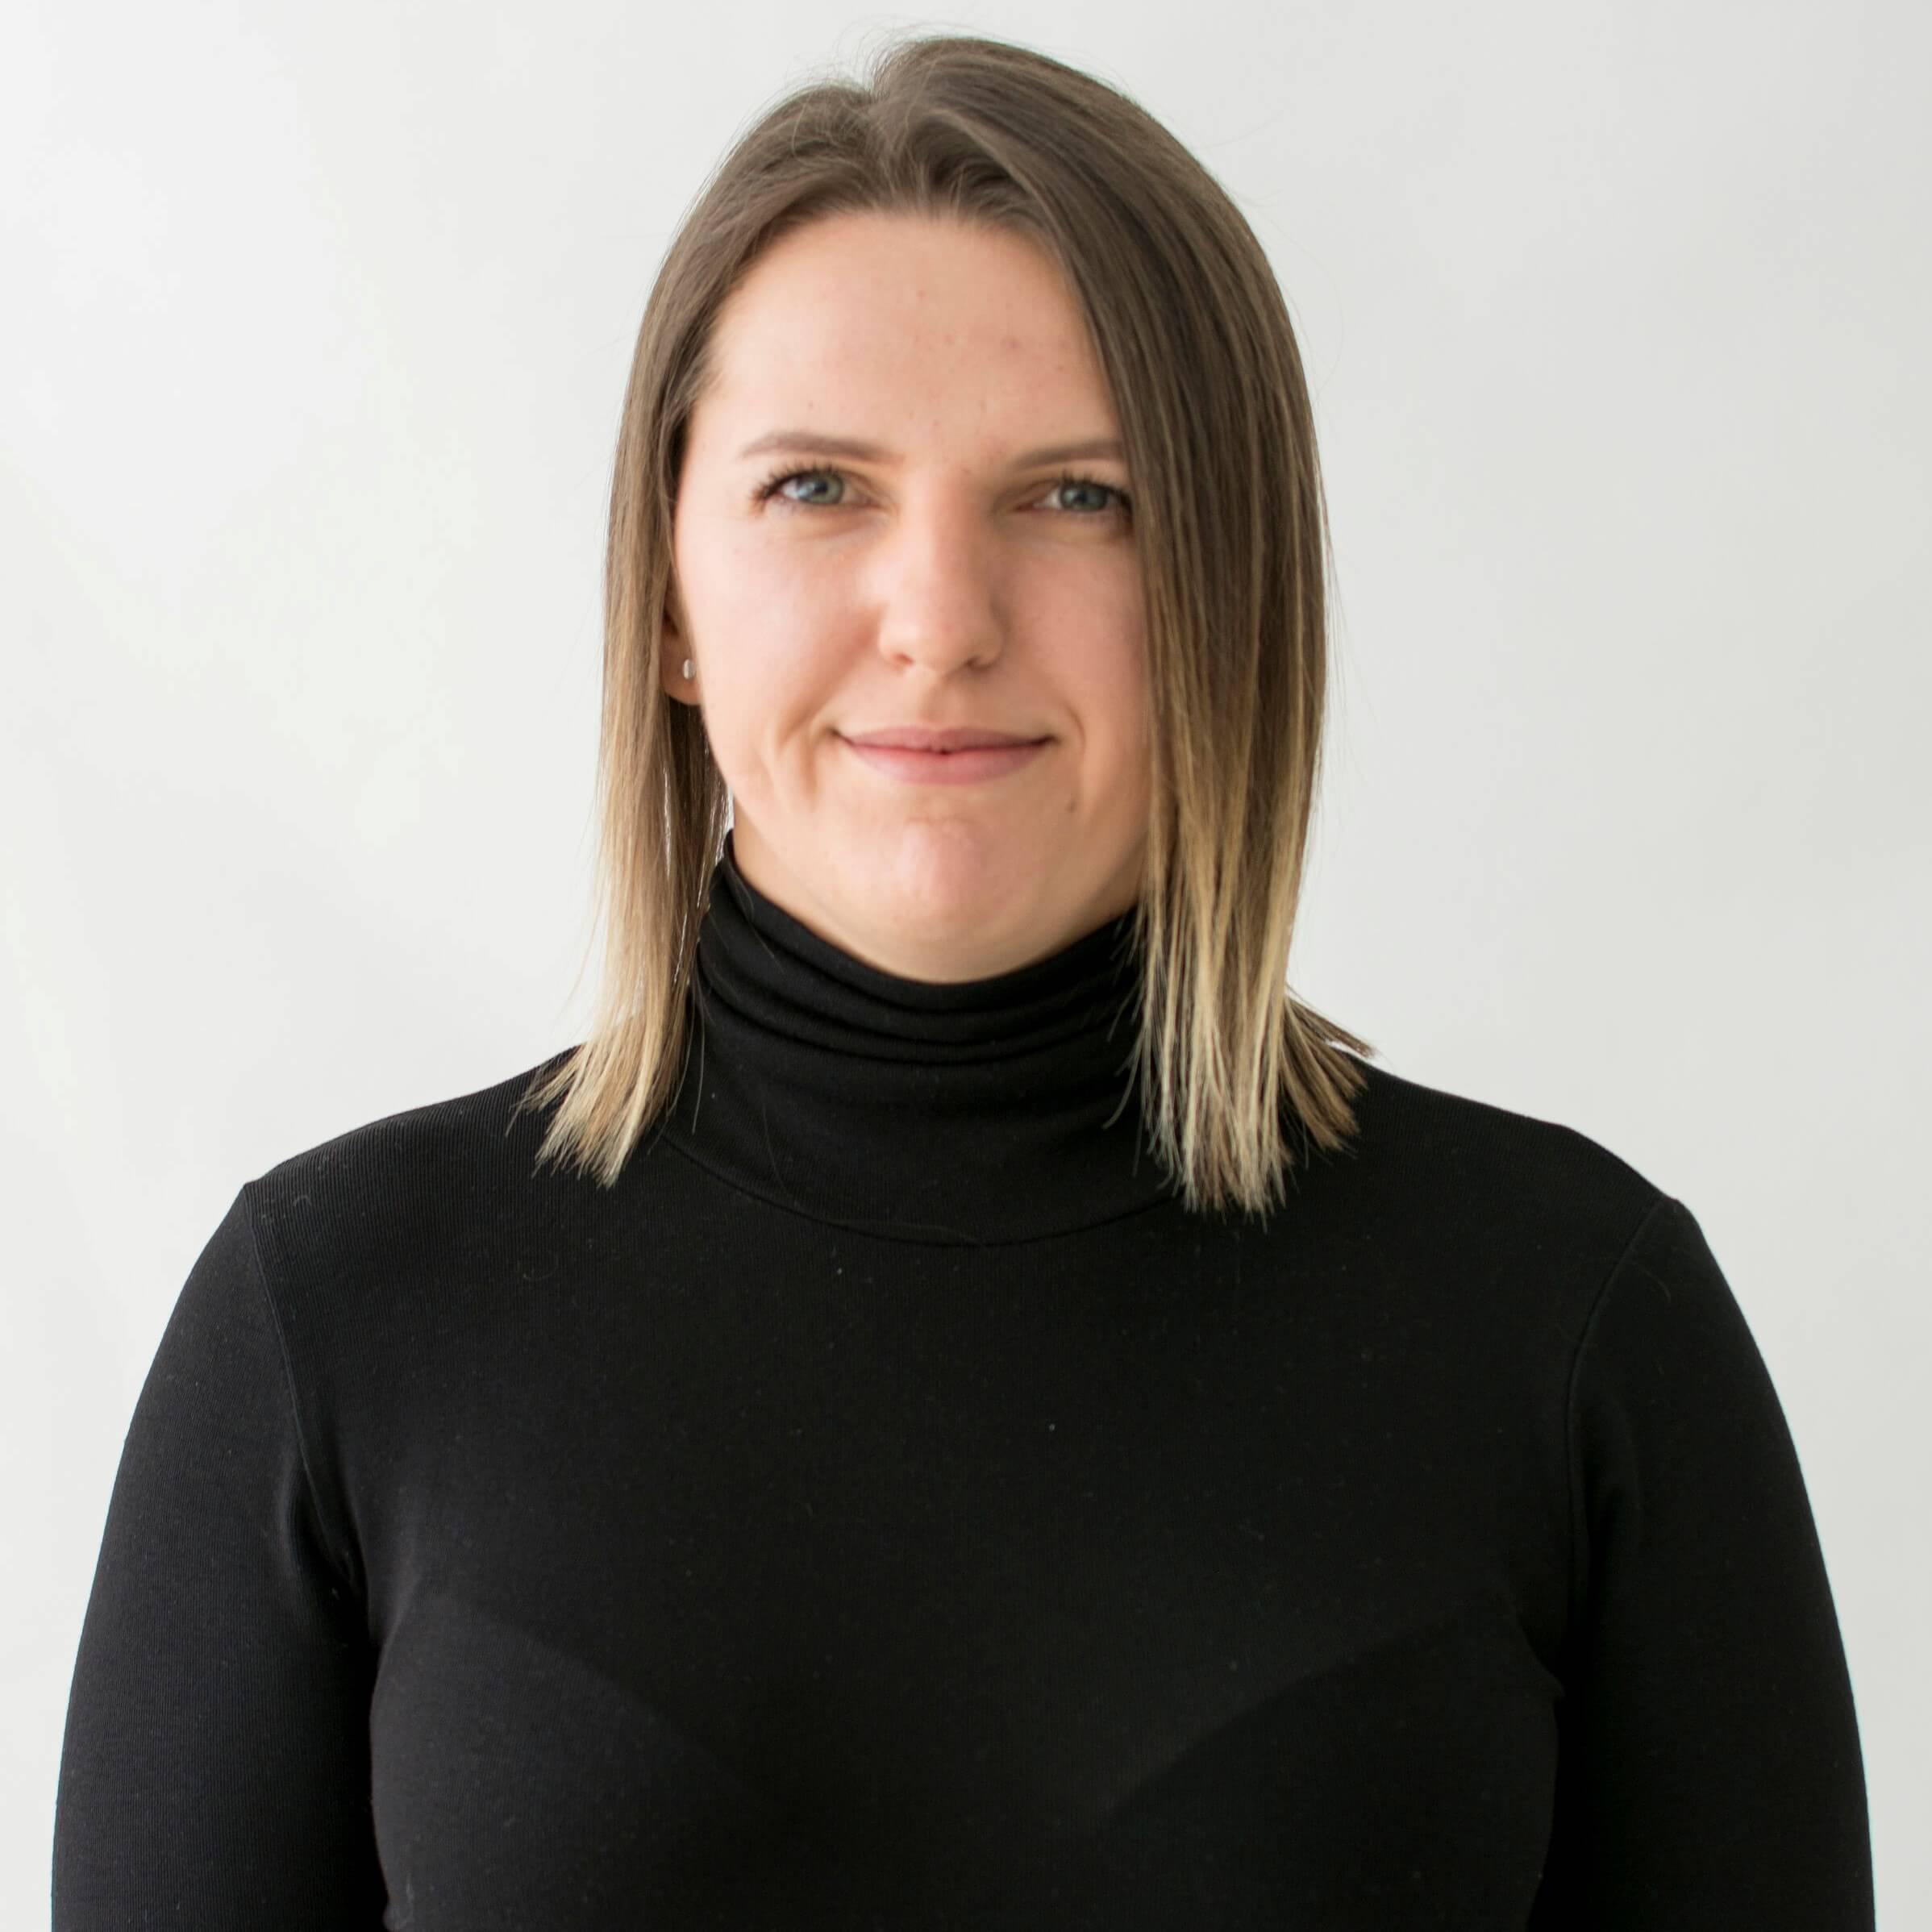 Natalia Maruszczyk